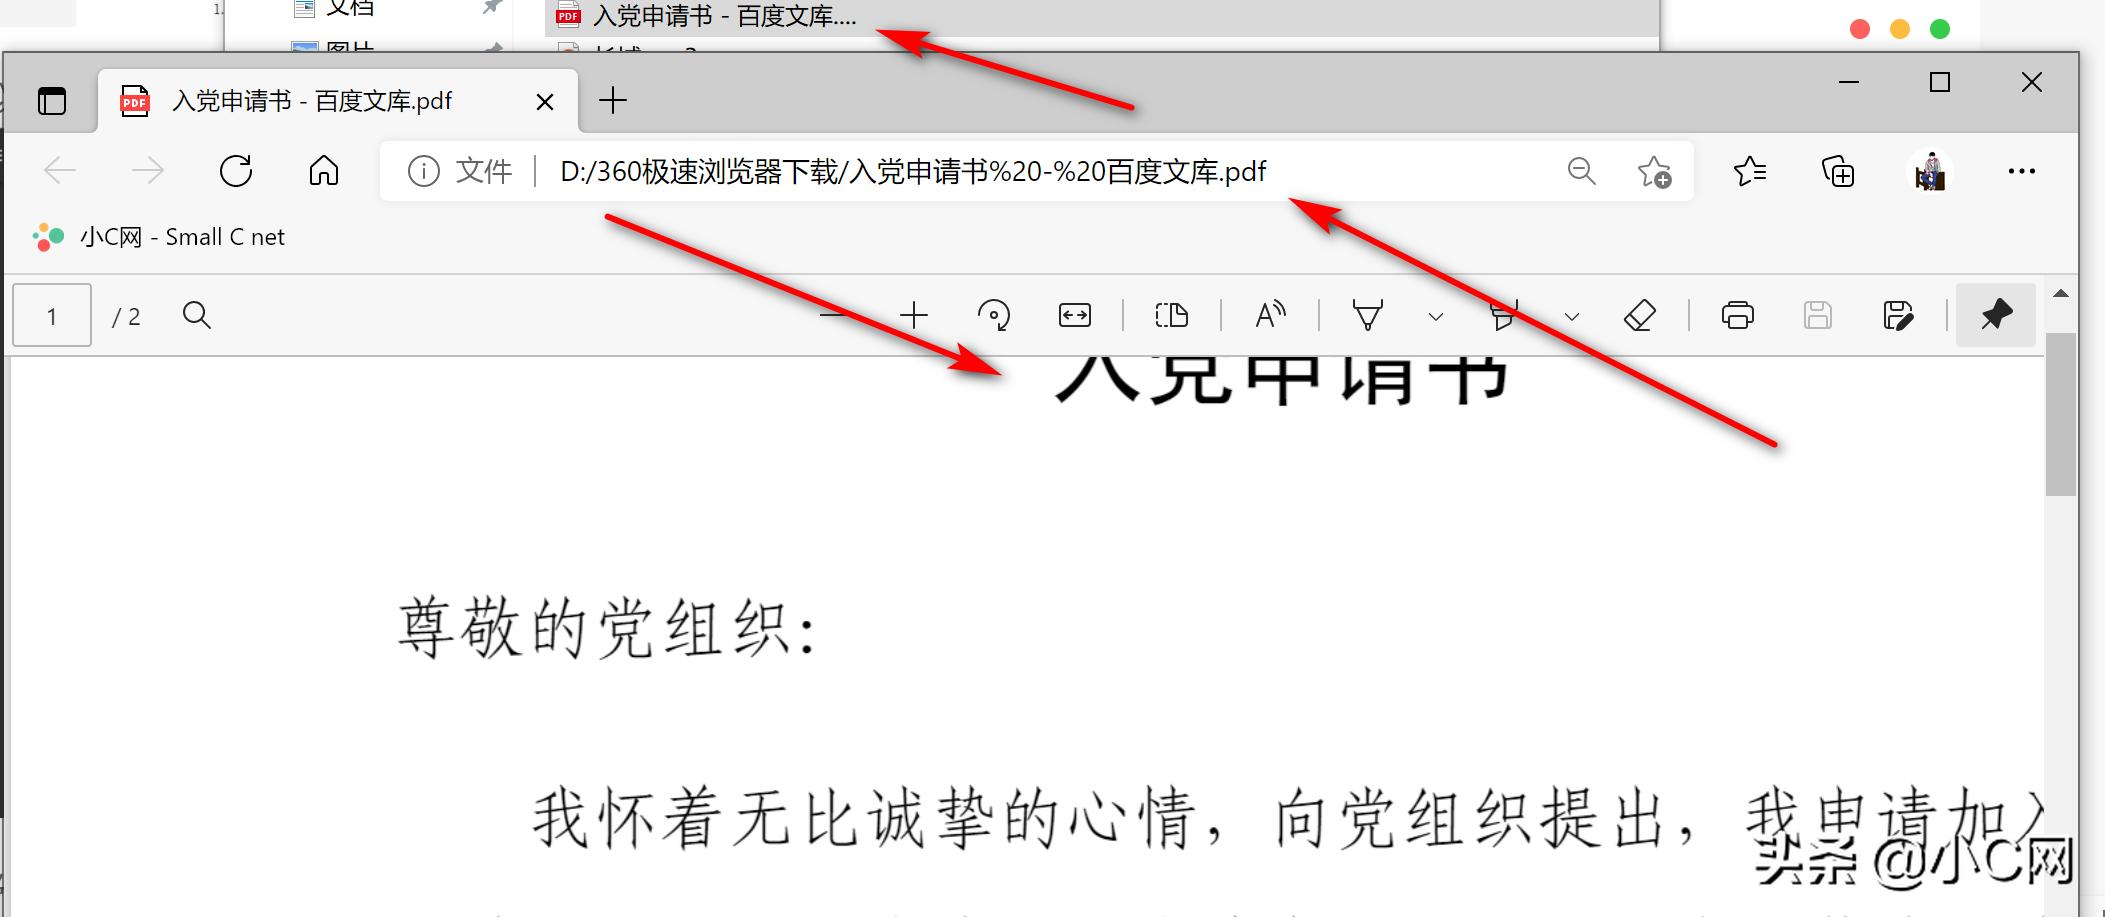 图片[2] - 百度文库万能插件,解除vip限制,下载vip资源 - 小 C 网